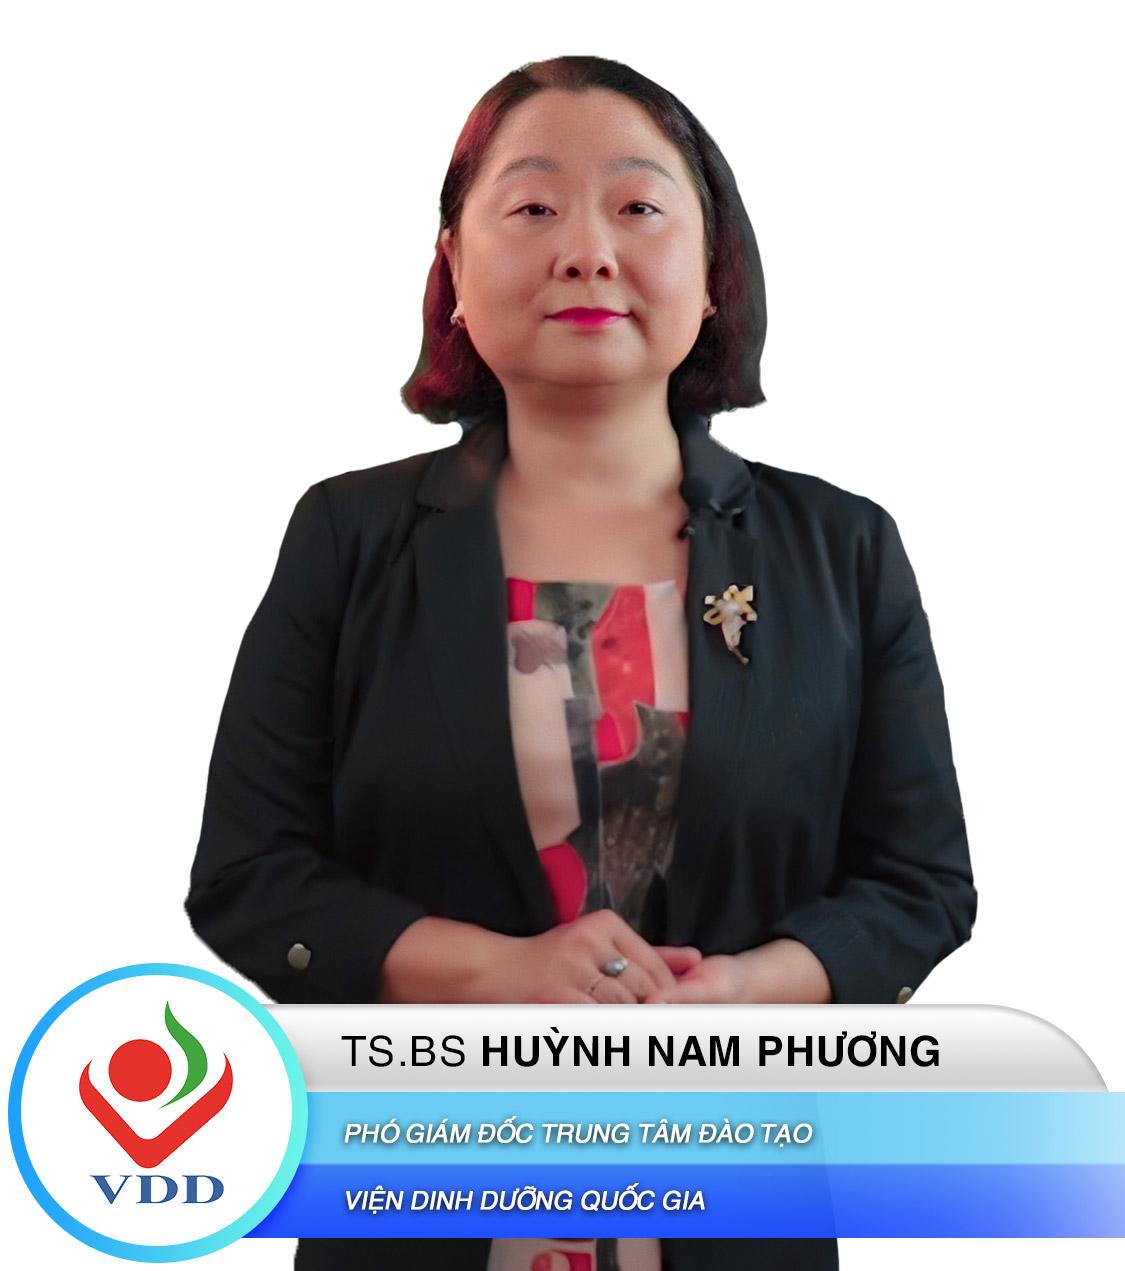 3. Huỳnh Nam Phương